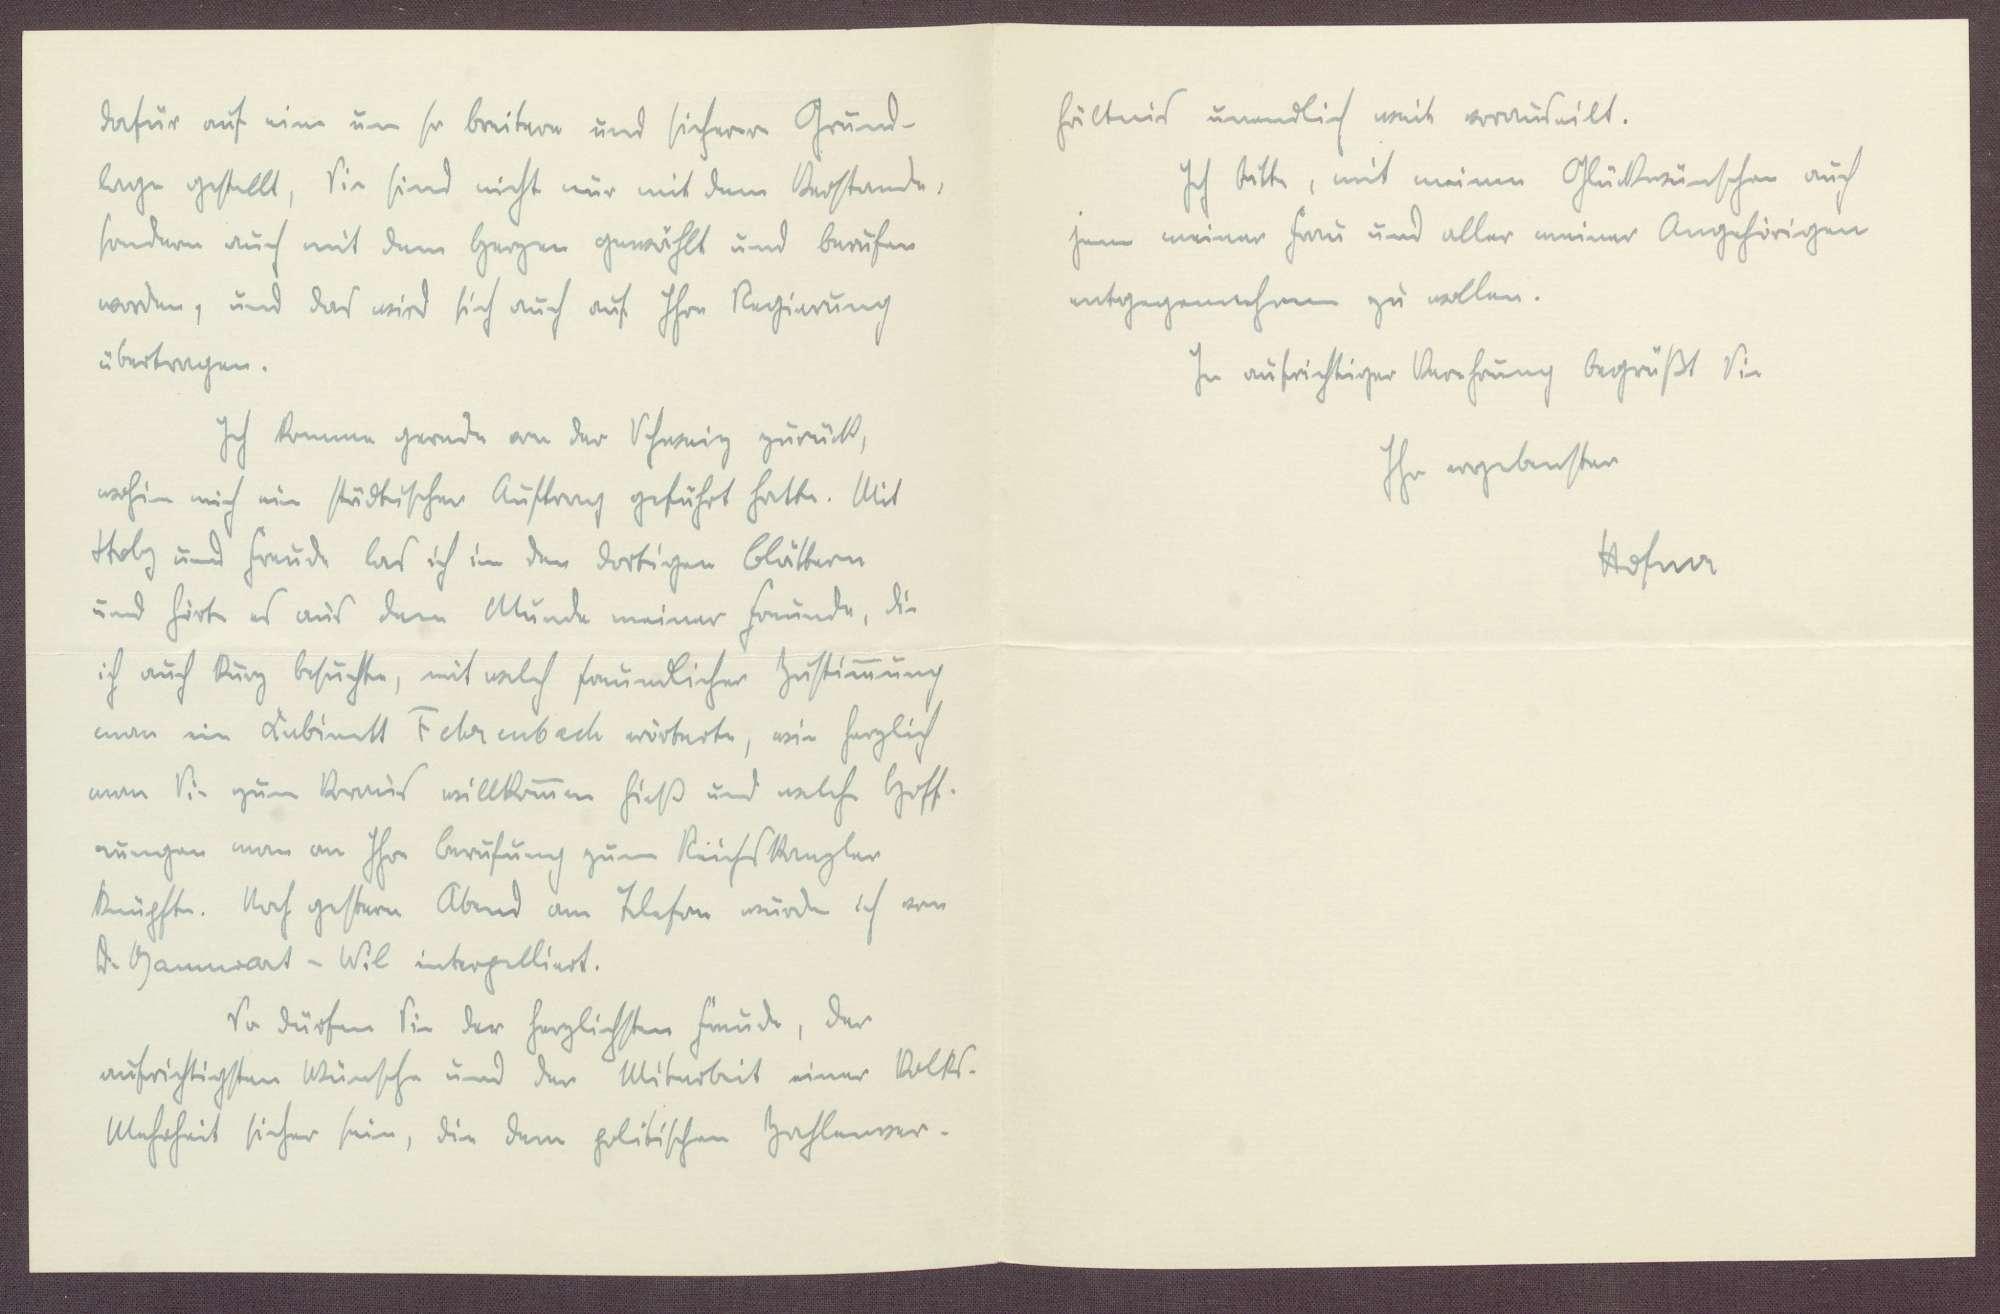 Schreiben an Constantin Fehrenbach, Glückwünsche zur Wahl zum Reichskanzler, Bild 3